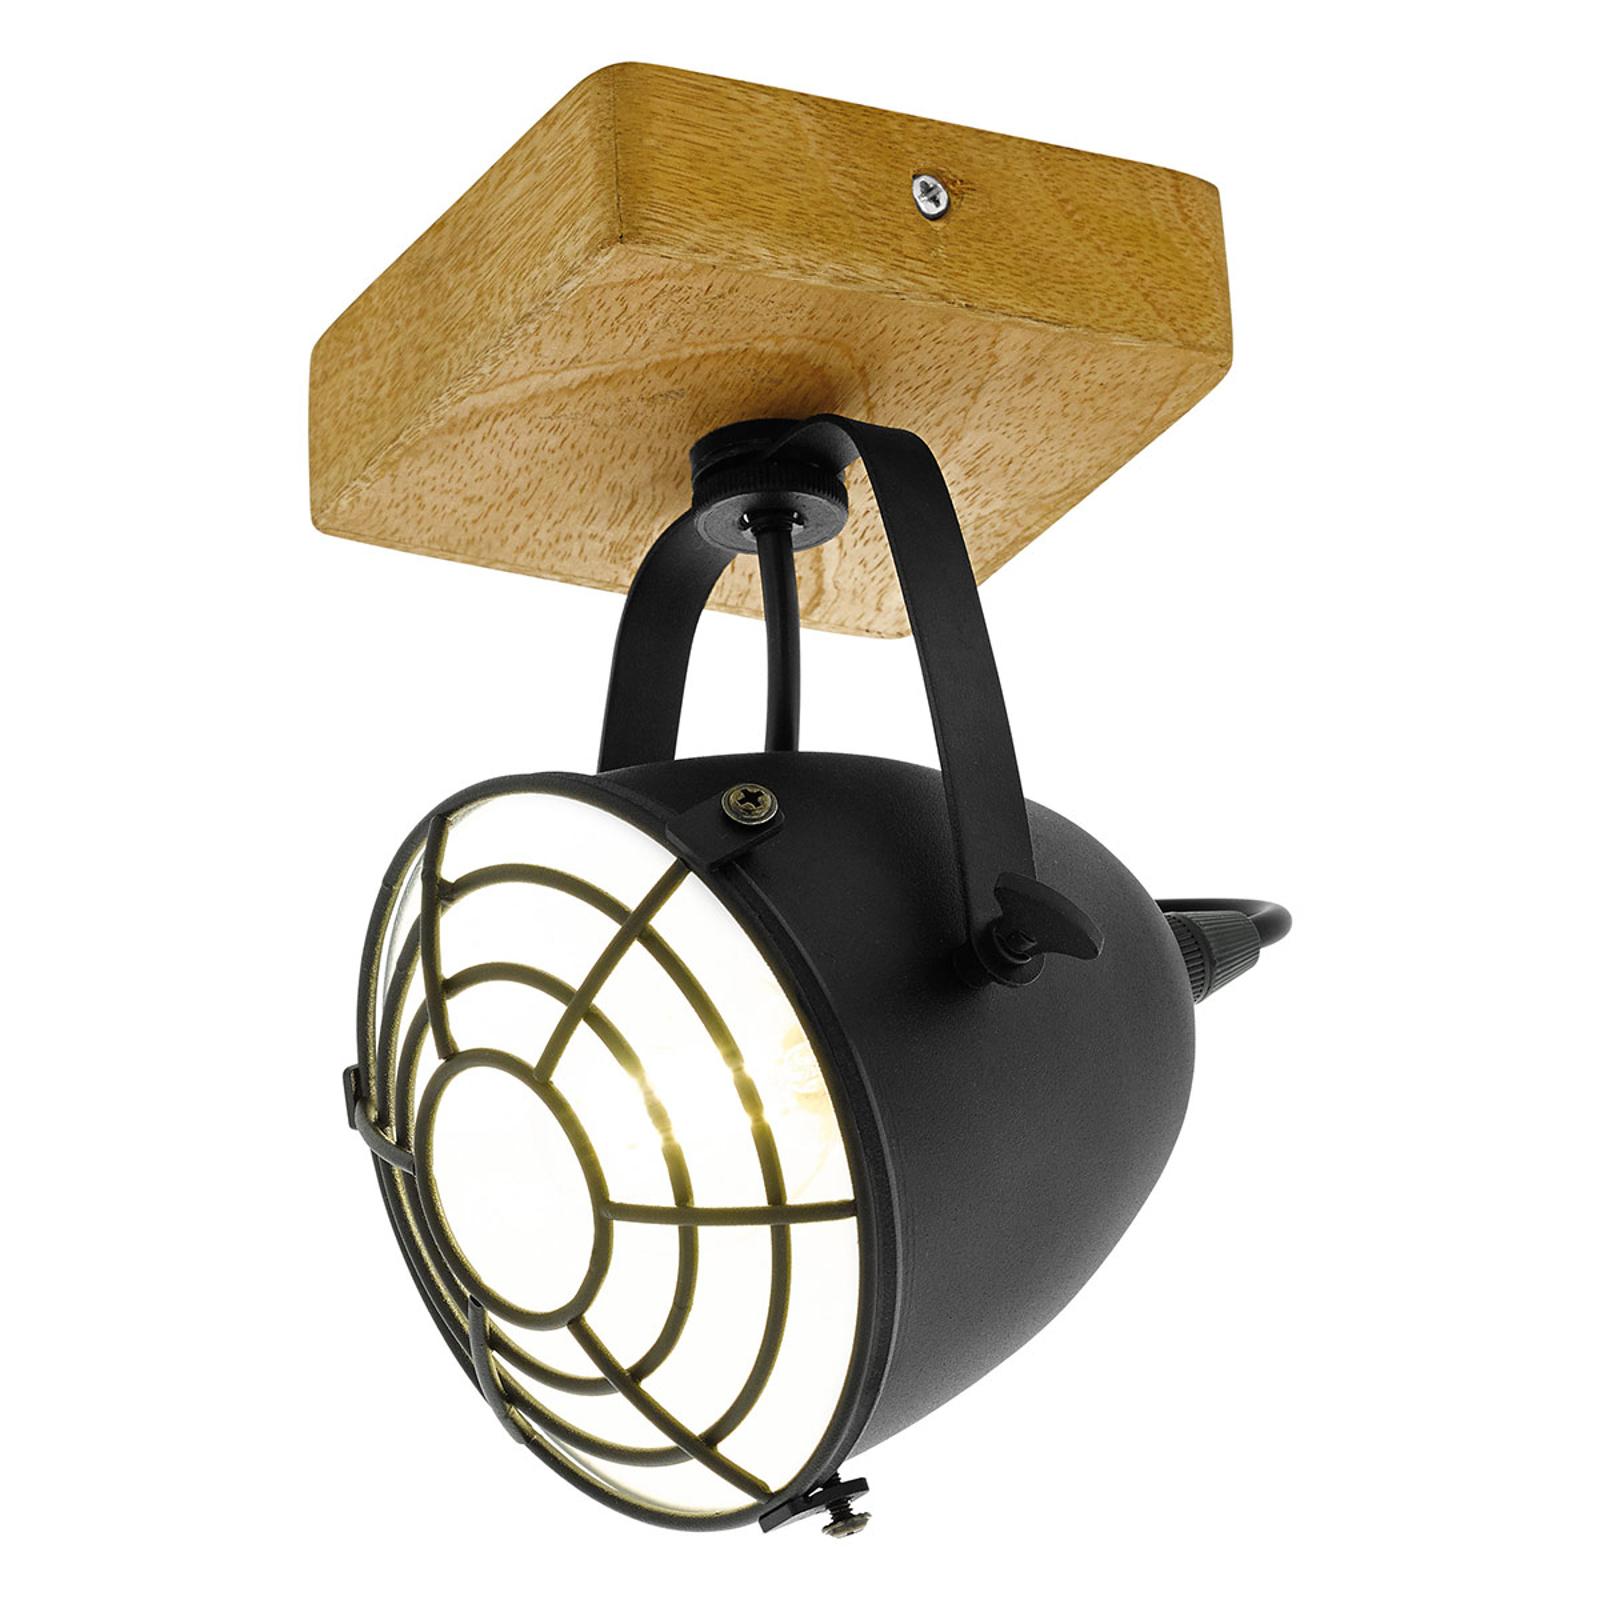 Faretto Gatebeck, legno e metallo, 1 luce